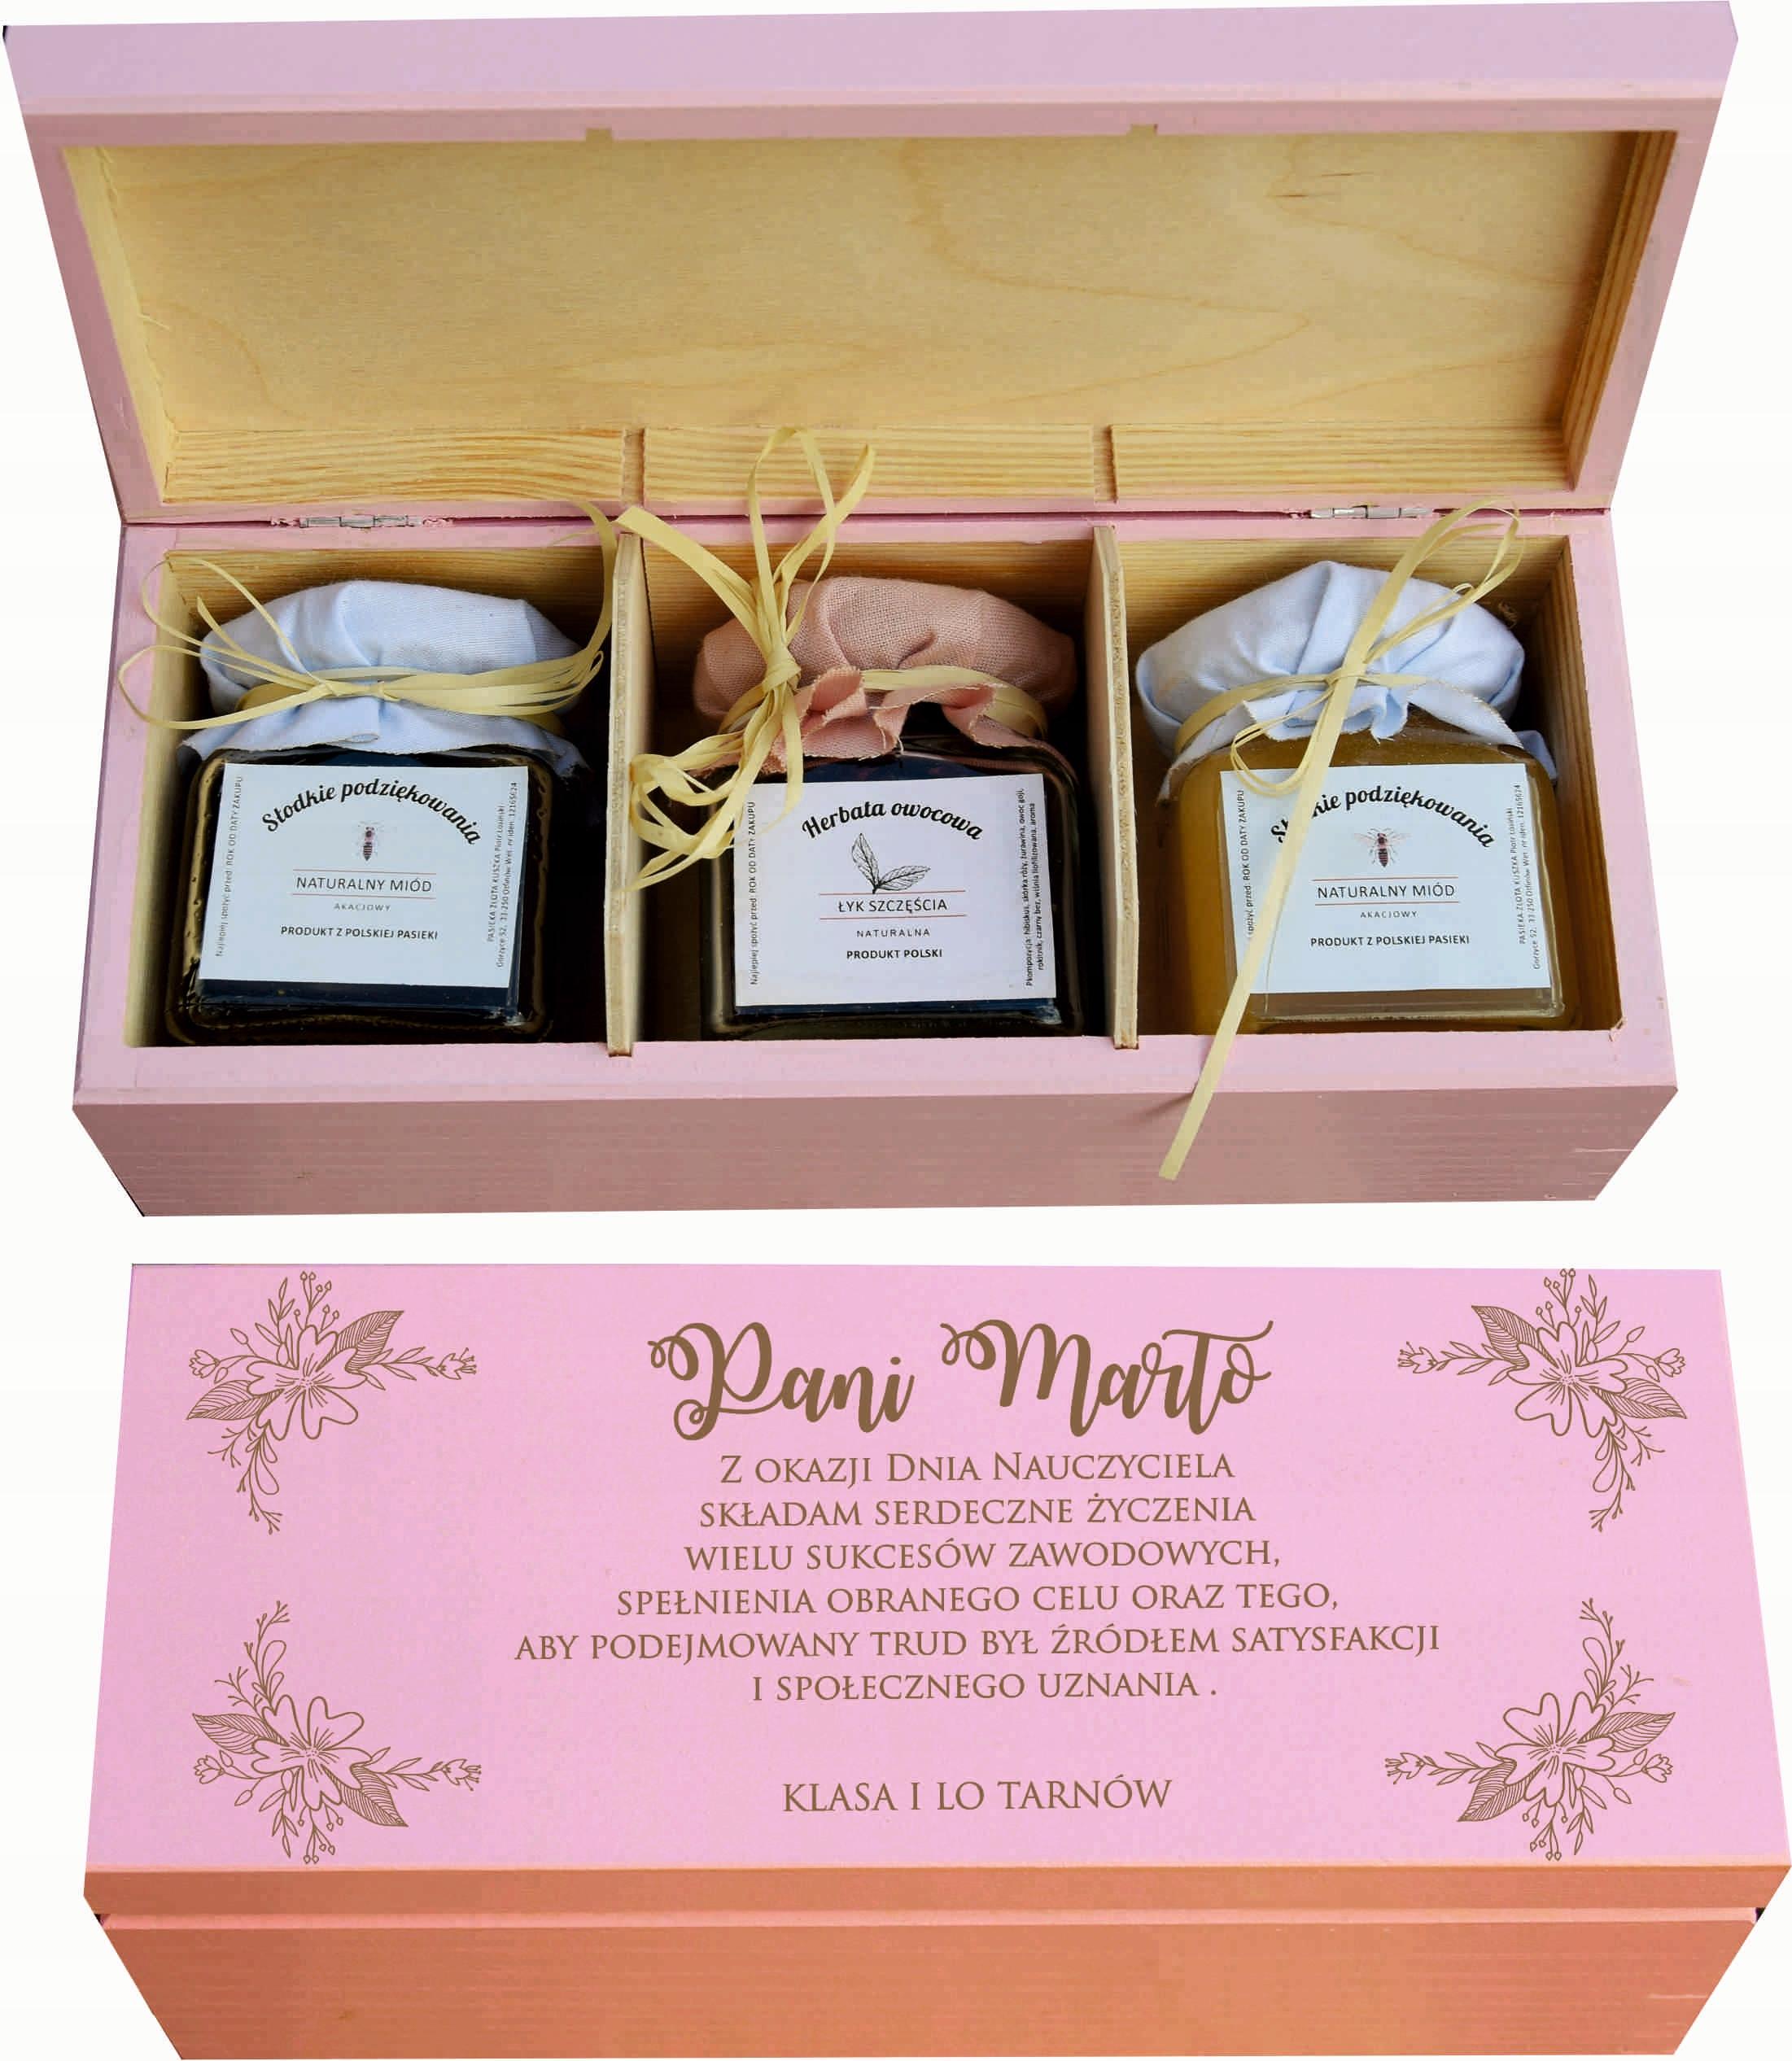 Zestaw Miod Herbata Prezent Dzien Nauczyciela 7588464211 Allegro Pl